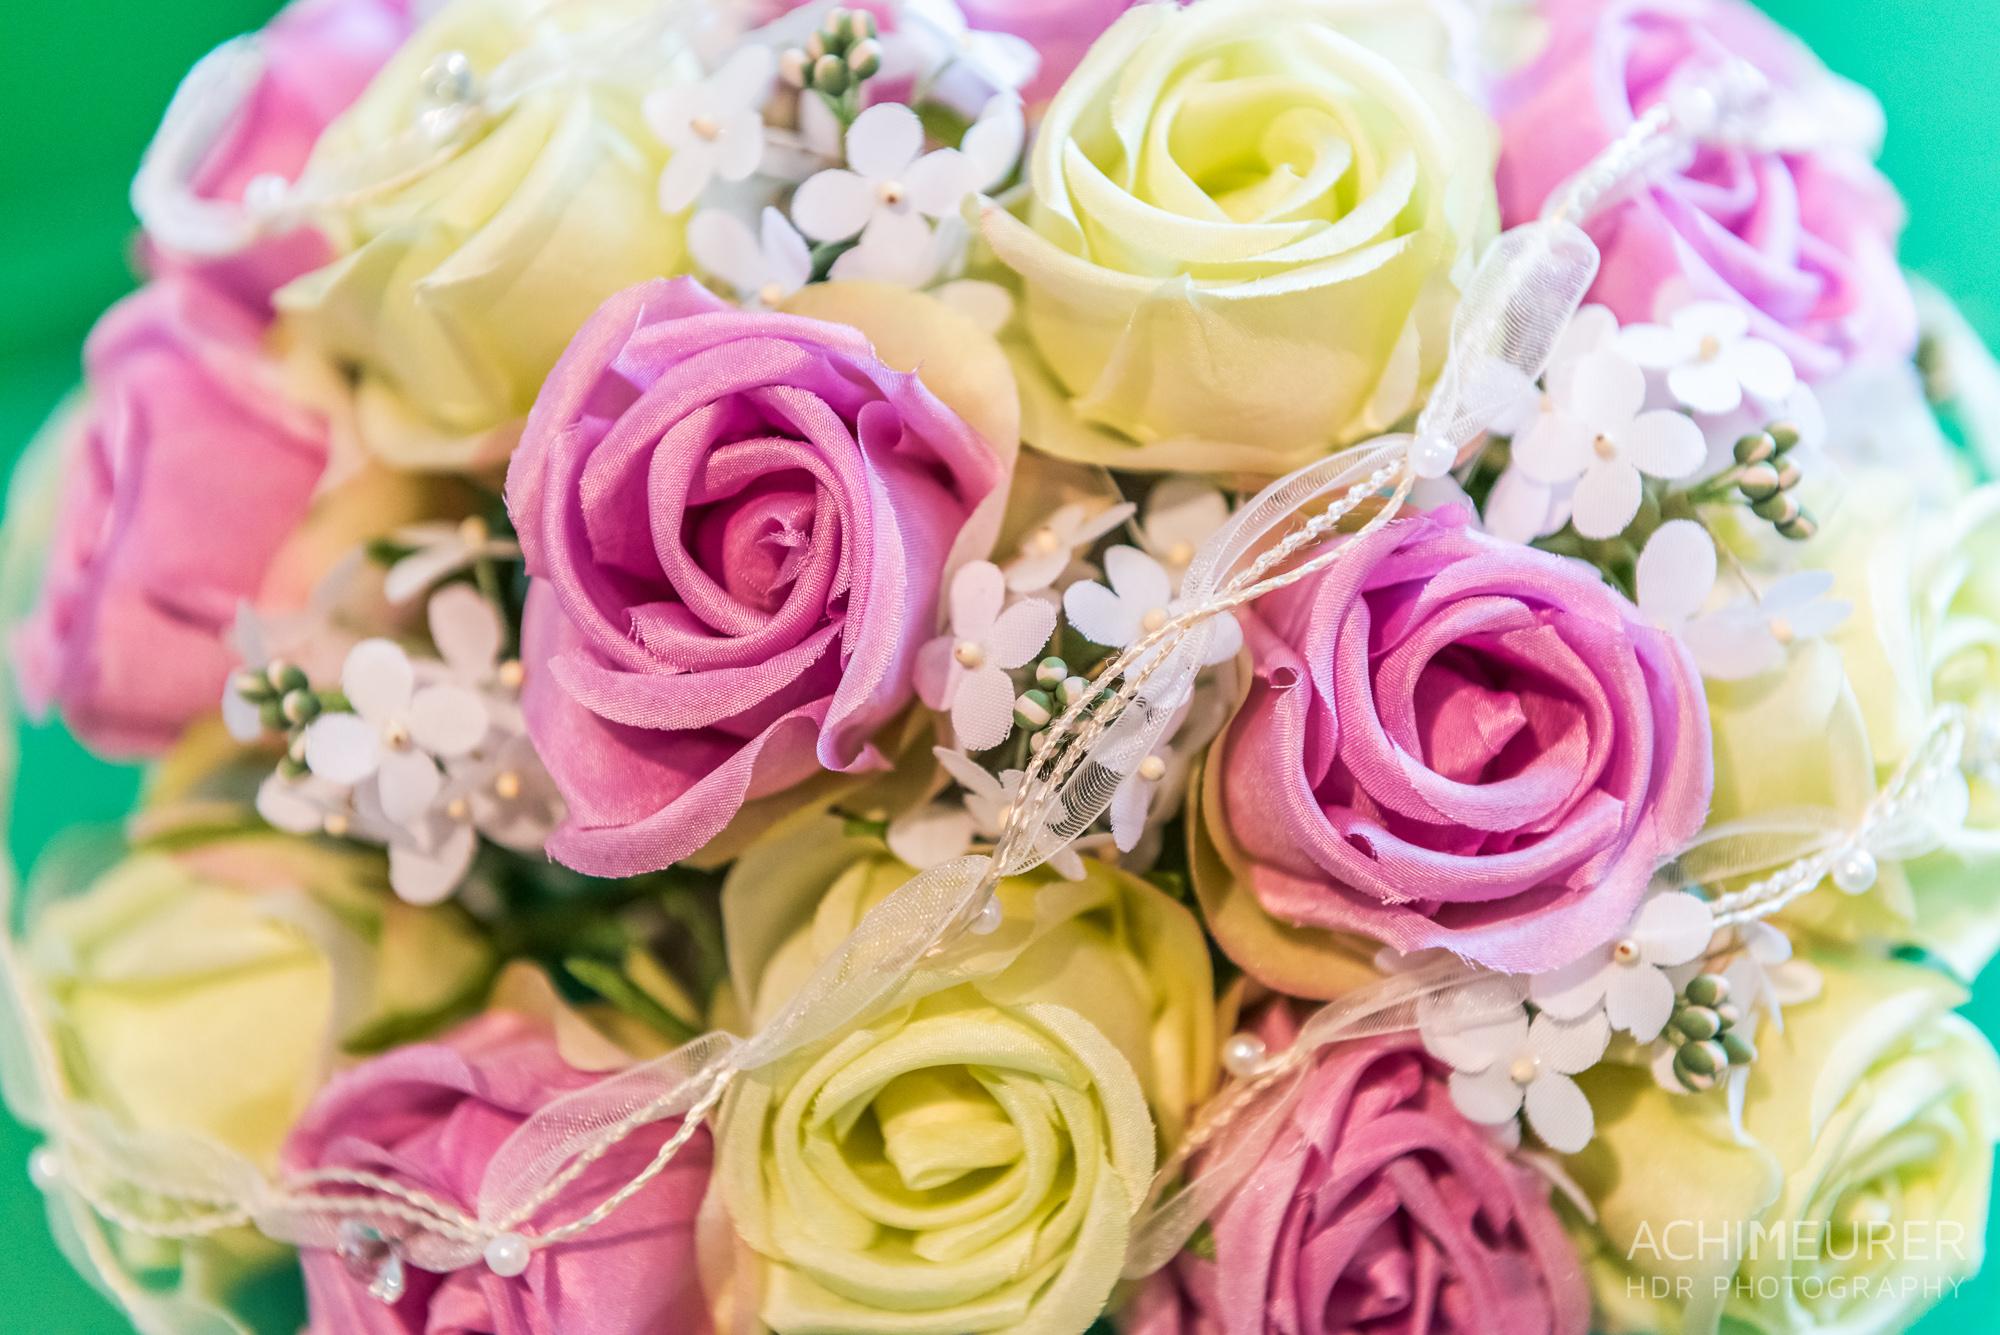 Handmade Silkflowers • Die Meurers